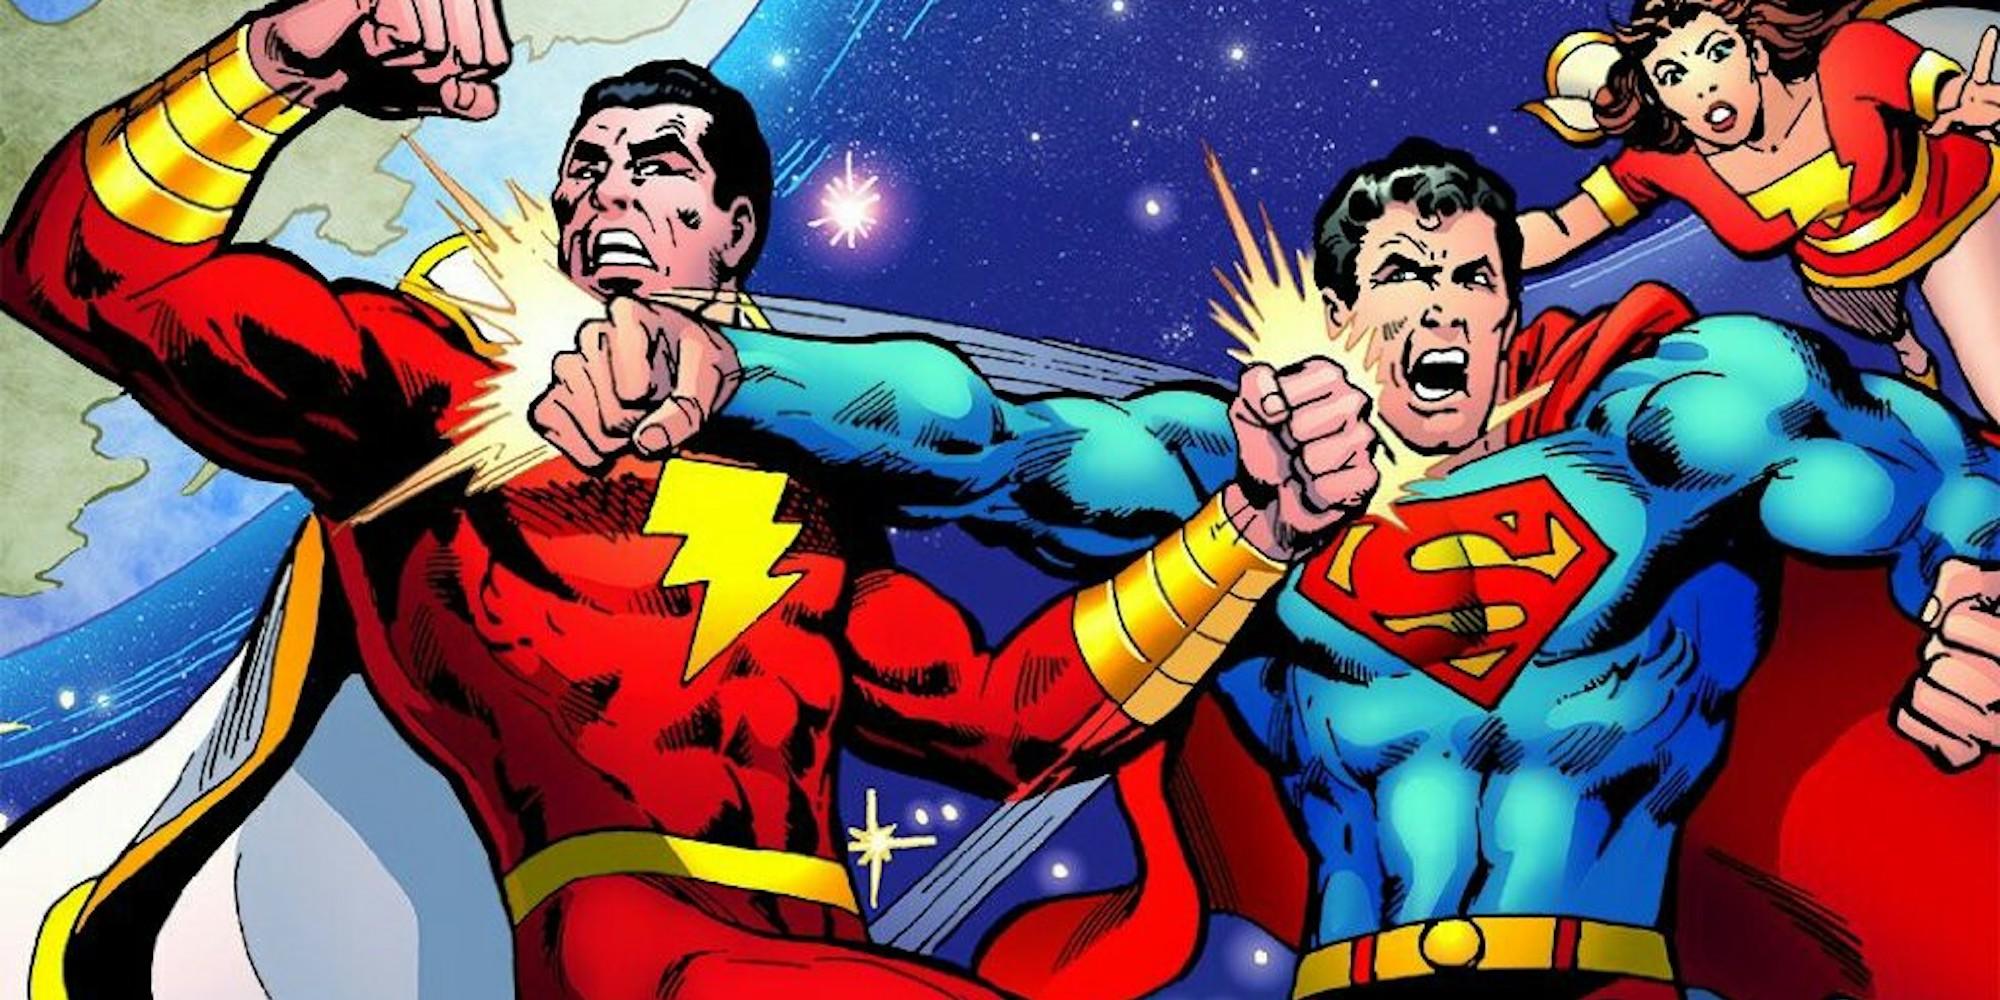 Shazam Fighting Superman Jason Momoa Aquaman Justice League